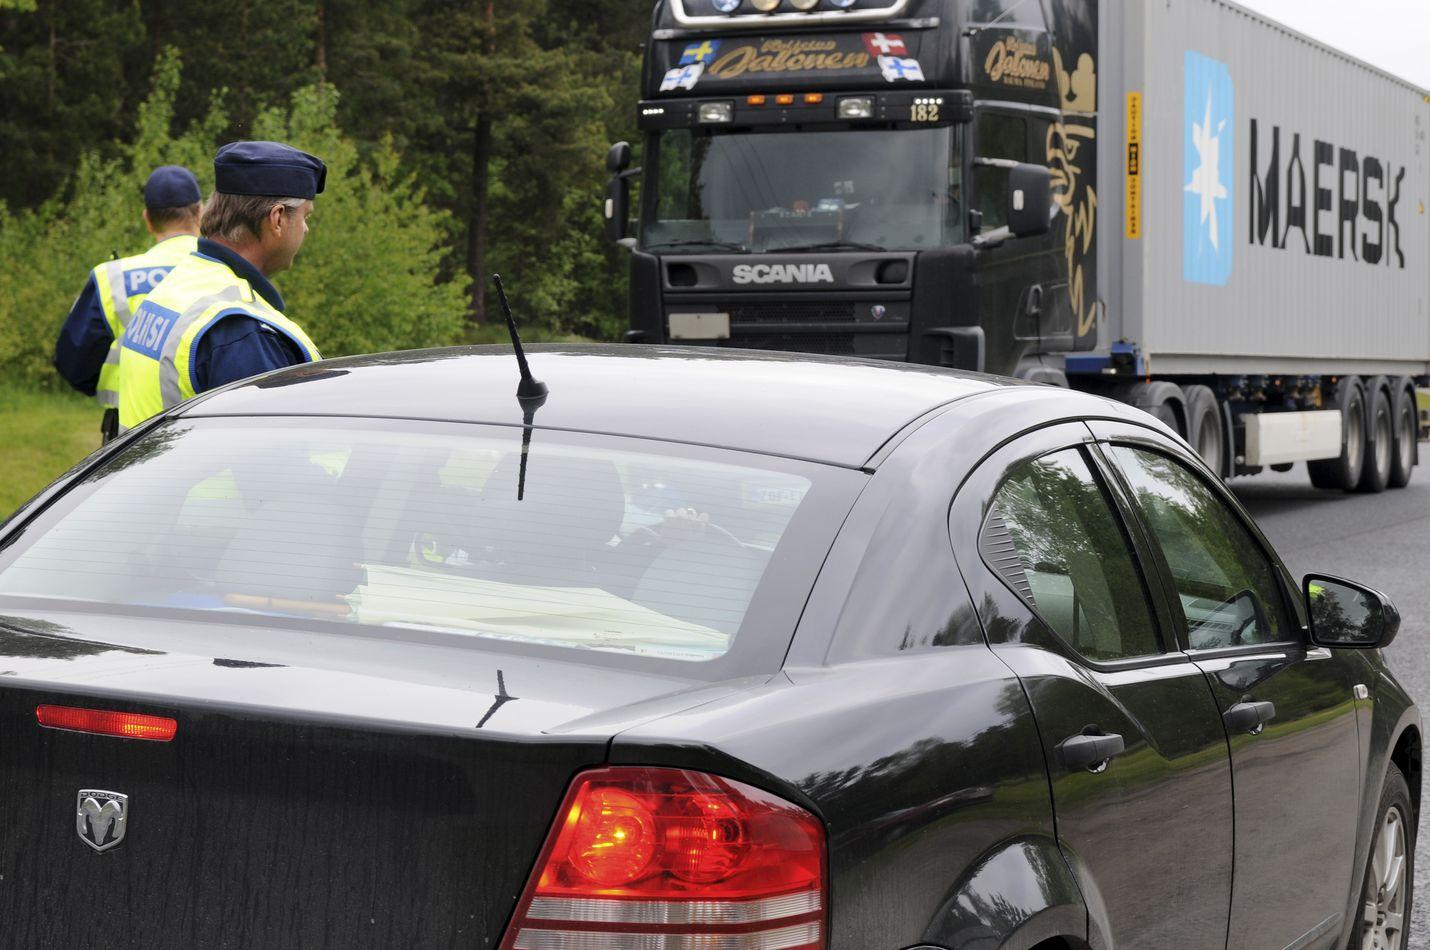 Viikonloppuna liikennettä valvotaan puhallusratsioin. Kuva: LS-arkisto/Joonas Salo